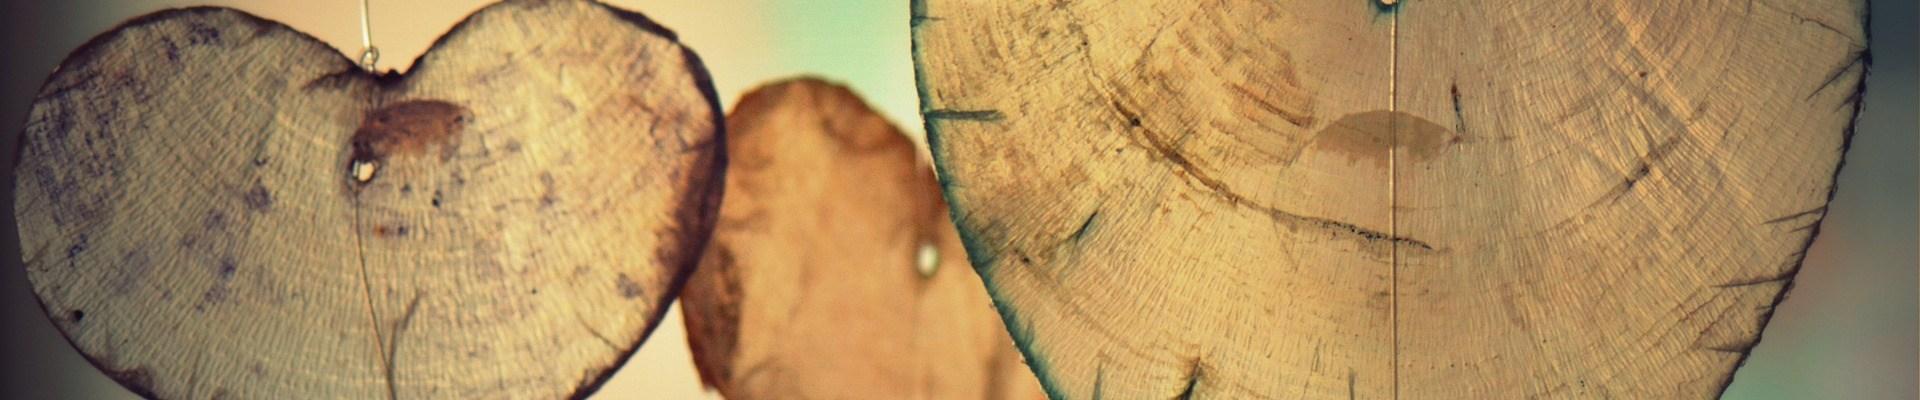 TEST: Karta koju odaberete donosi važan savjet od Kupida!, Jeste li znali? Srce ima svoje polje i inteligenciju! ,Usputna misao, Kada se srce otvori, sve nalikuje proljeću – Sve je svježe i lijepo!